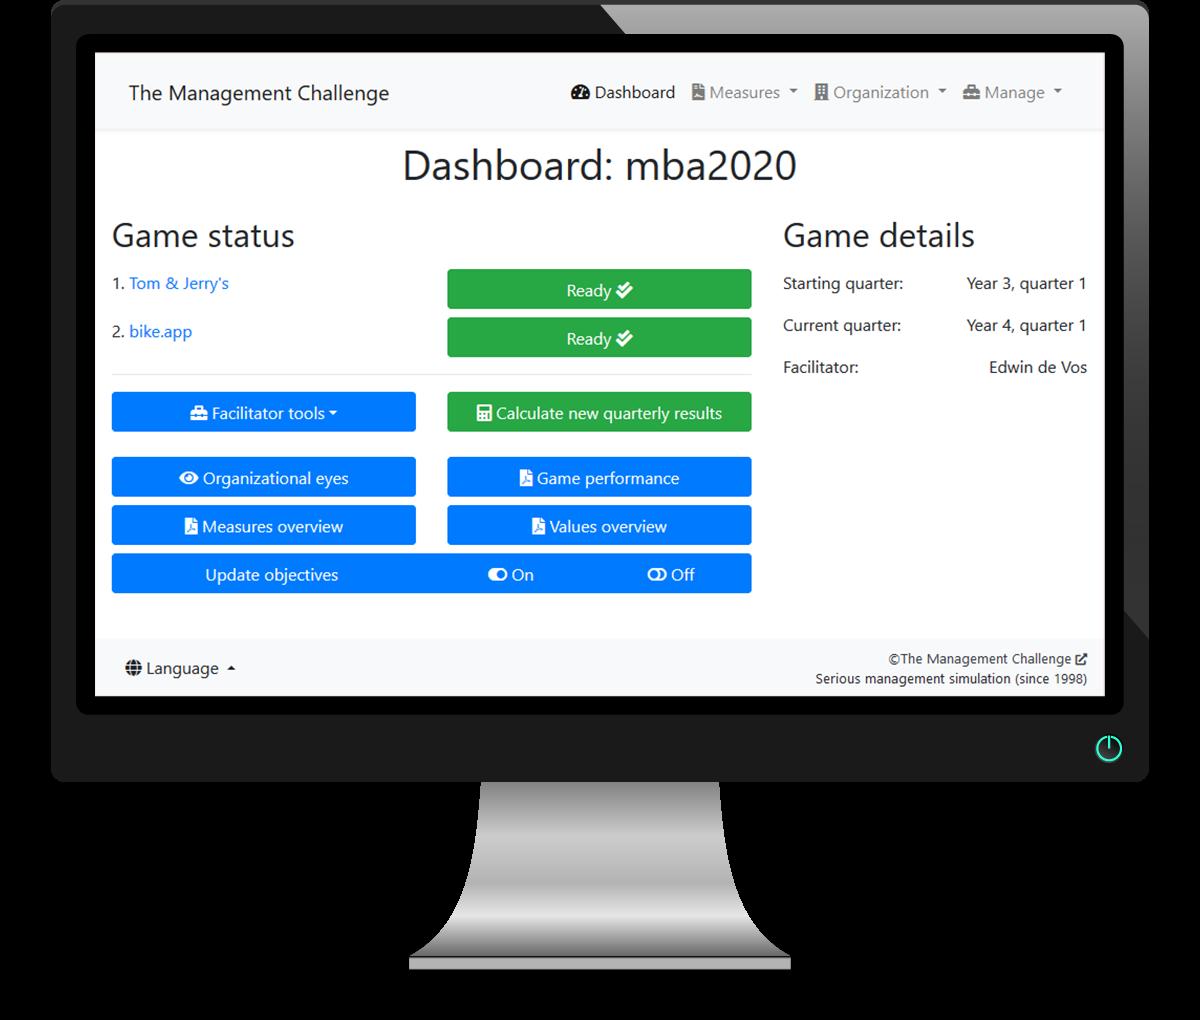 Begeleid zelf een managementsimulatie - Dashboard The Management Challenge